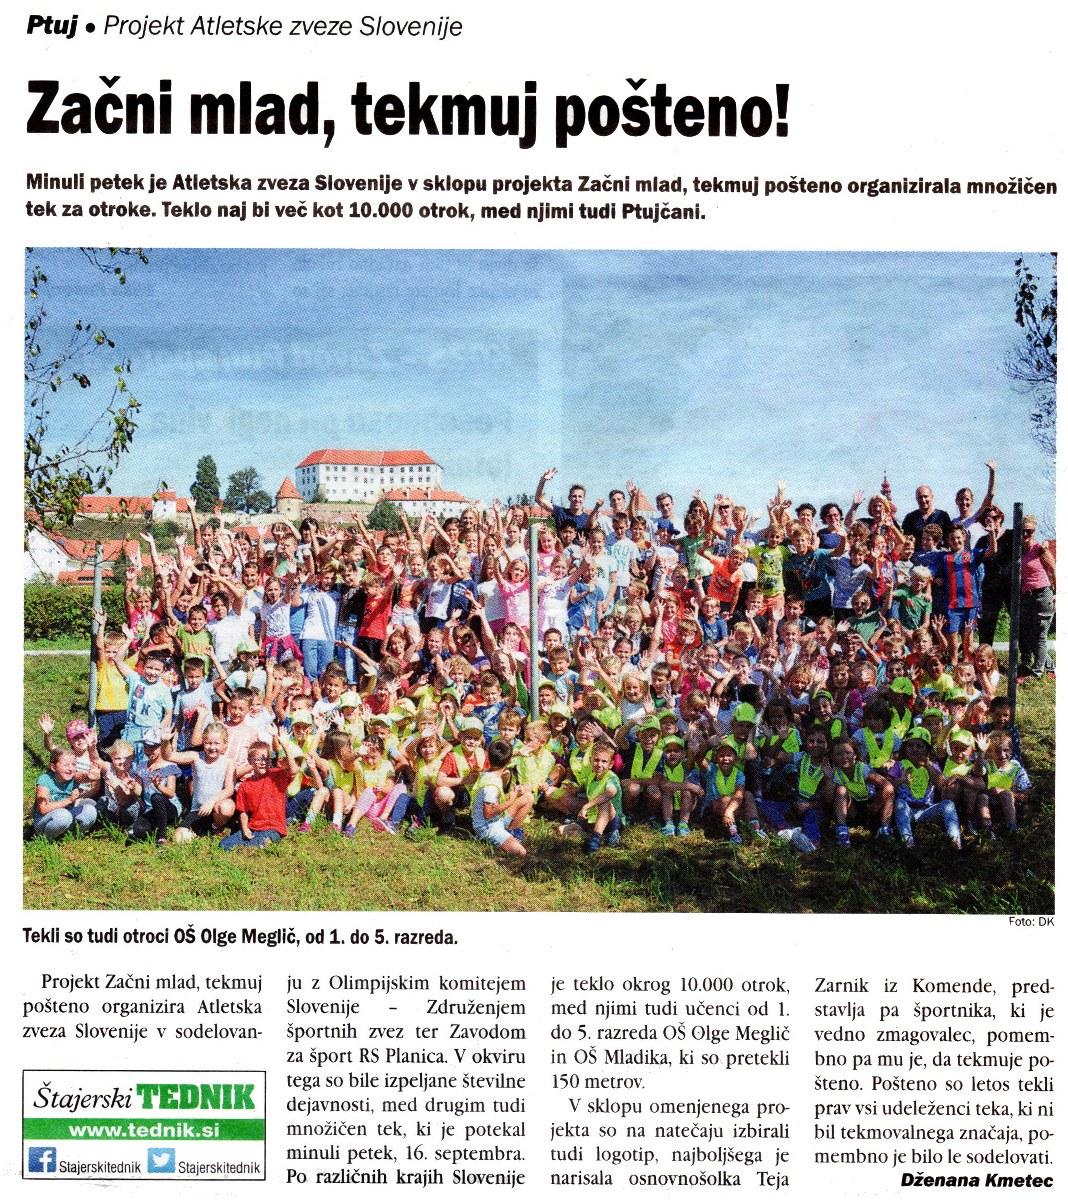 2016_09_27_tekmuj_posteno_tek